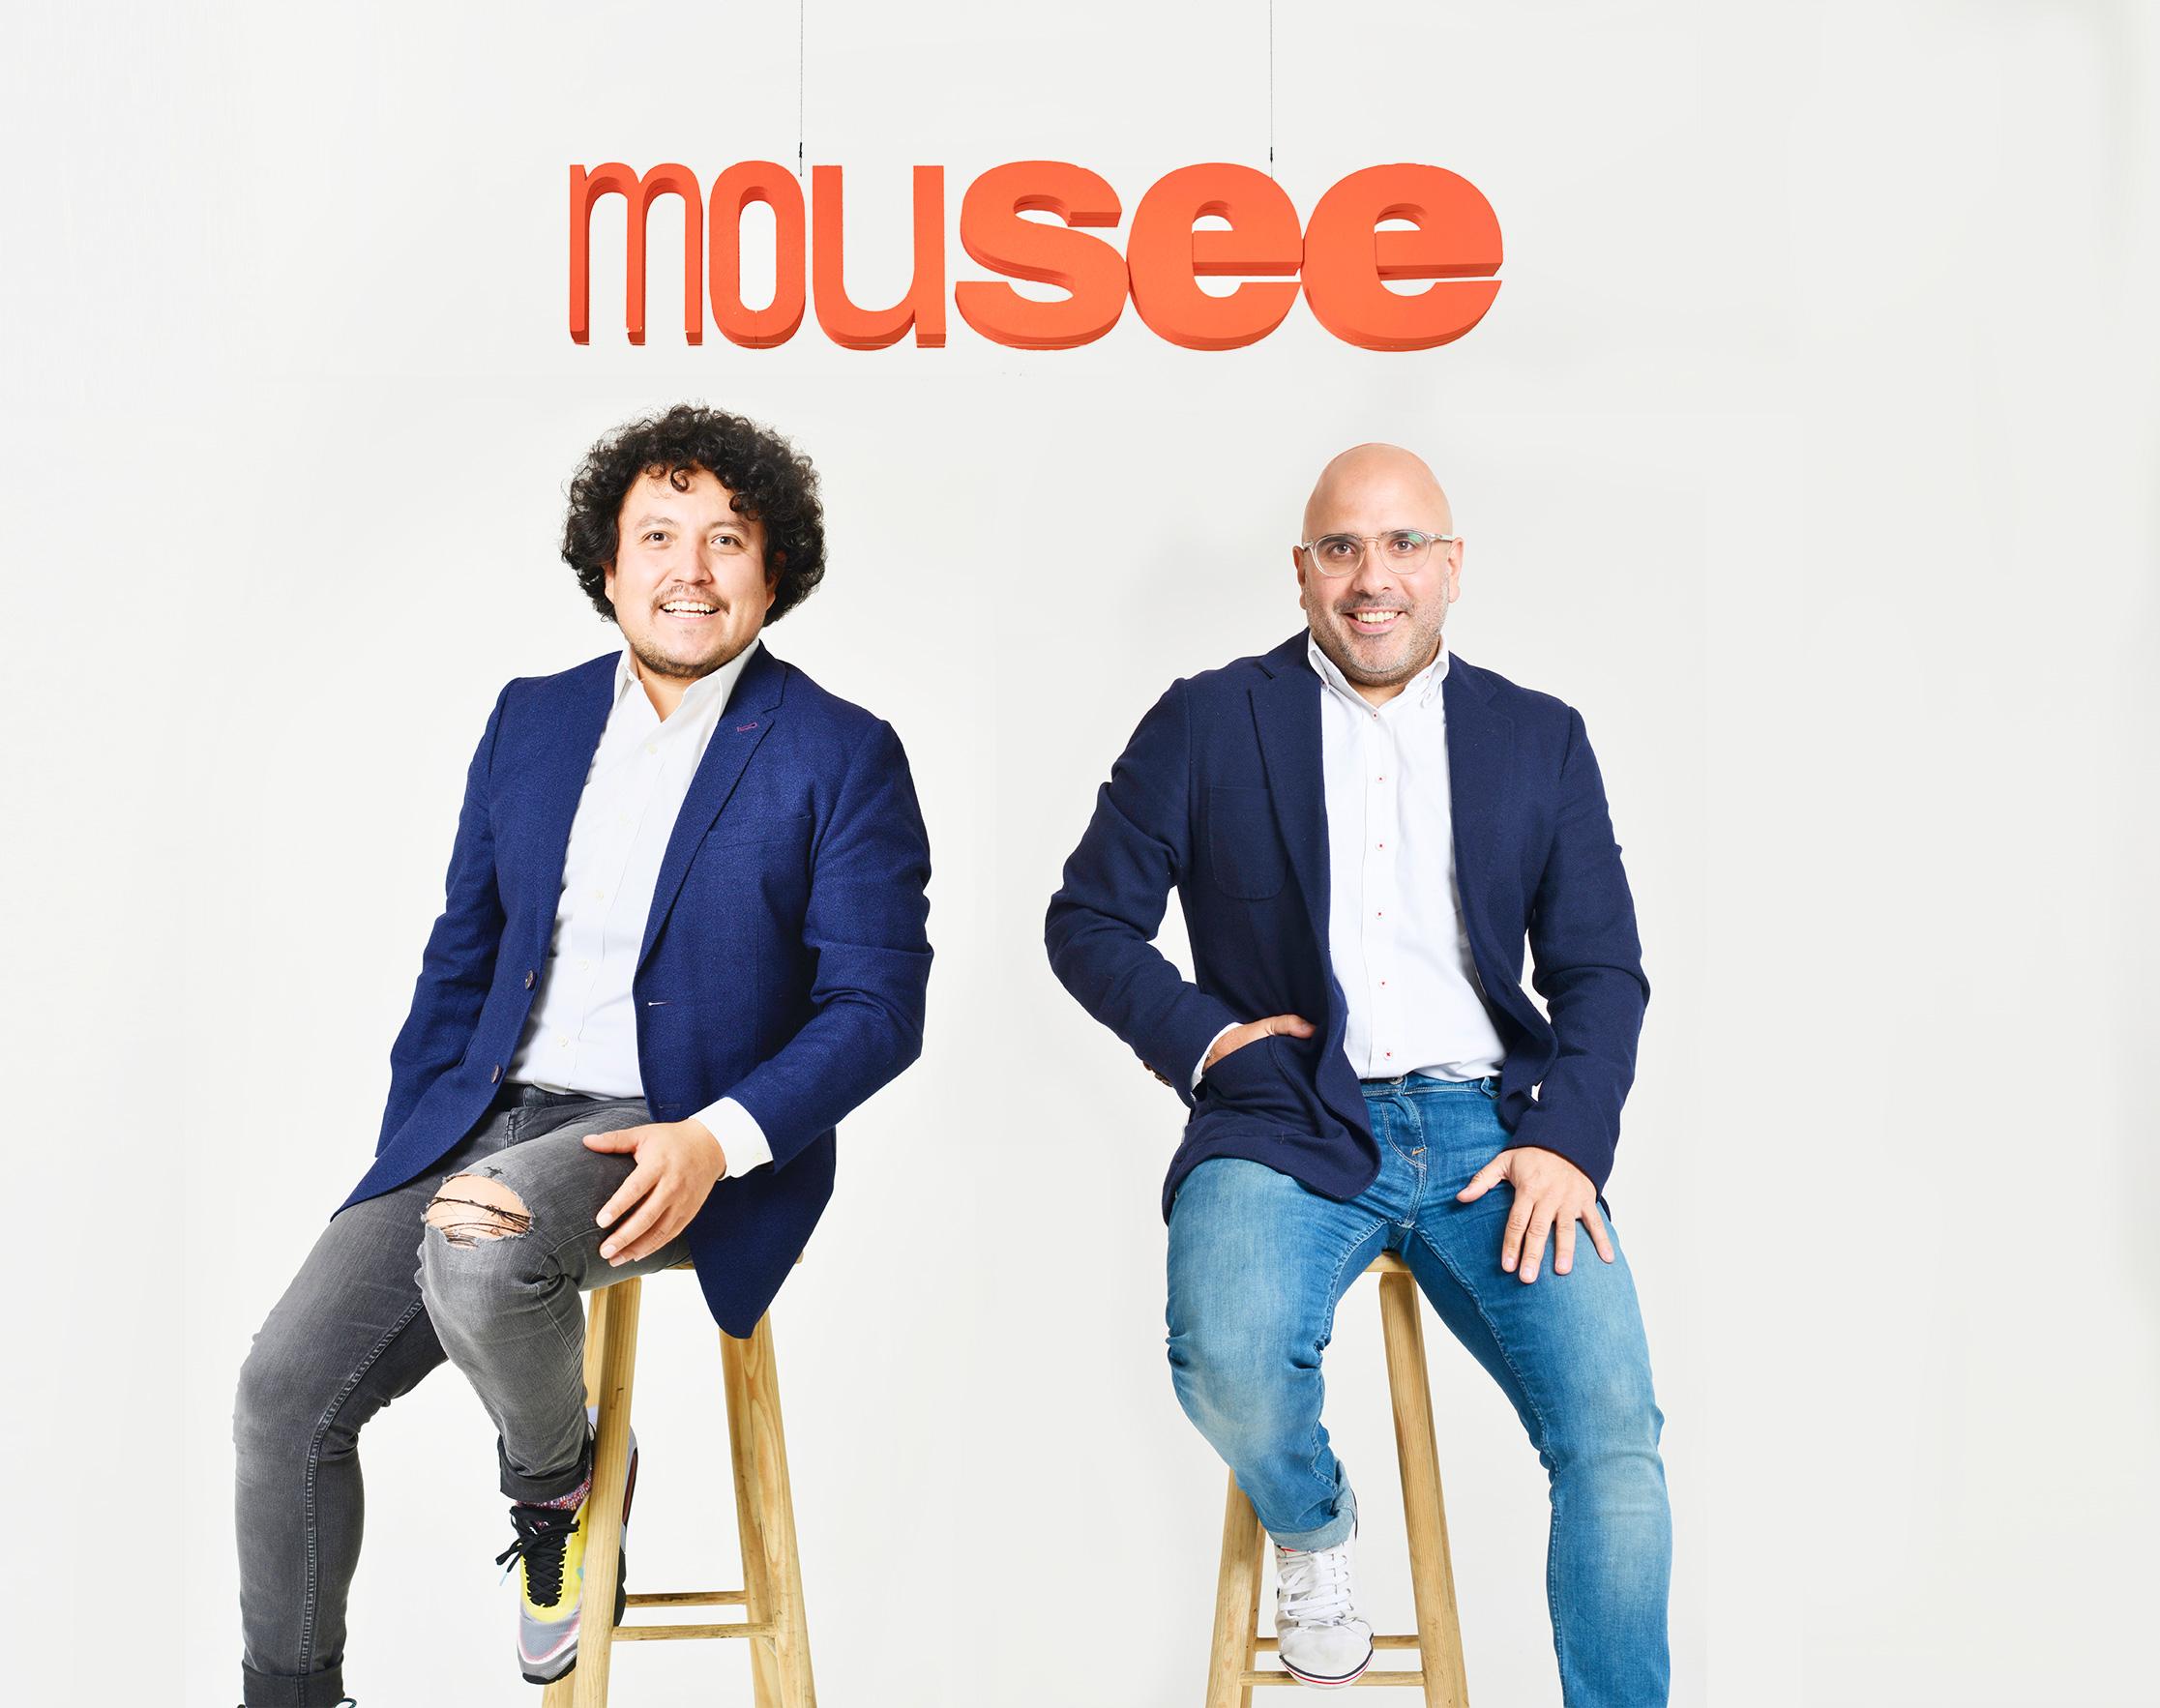 mousee es una de las empresas tecnológicas más innovadoras de España y una de las pioneras en Europa en democratizar servicios de Marketing para medianas y pequeñas empresas.